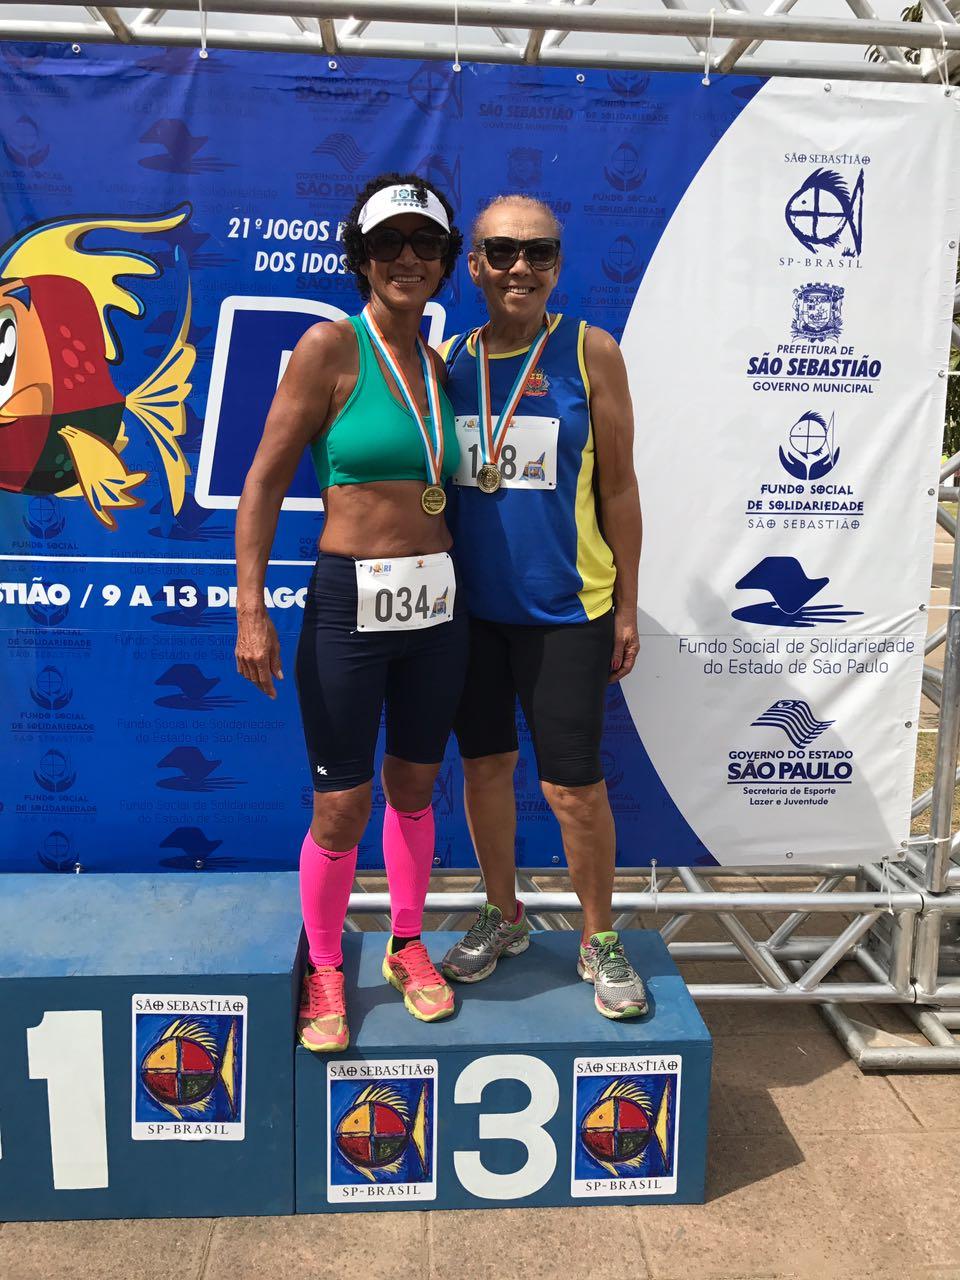 Caraguatatuba é ouro no atletismo feminino nos Jogos Regionais do Idoso